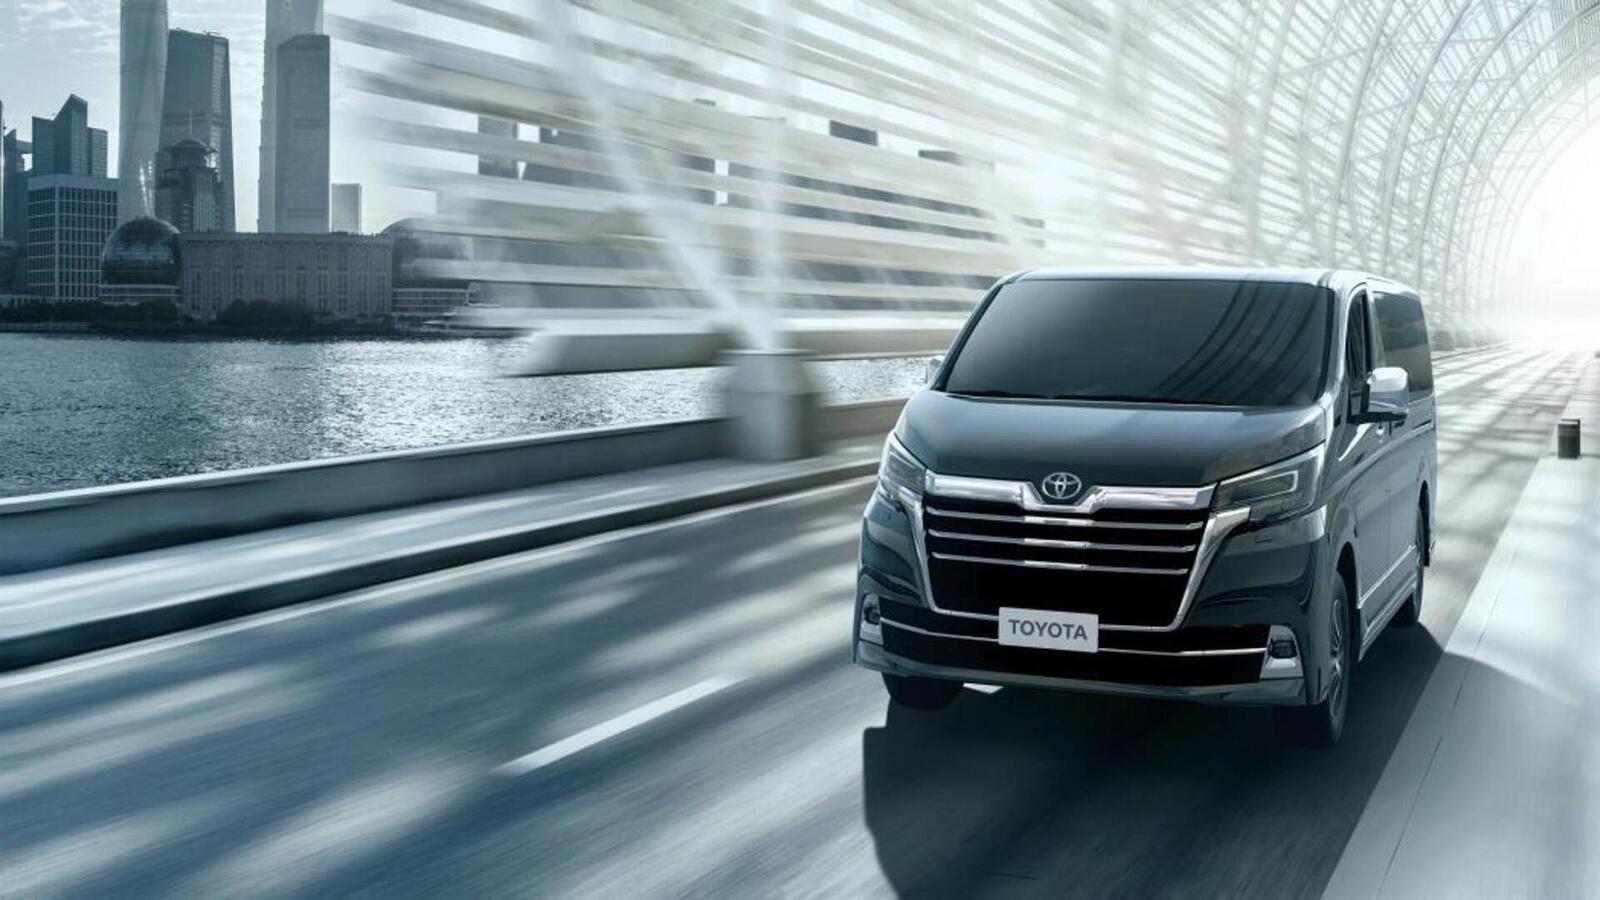 Xem trước MPV Toyota Granvia sắp được ra mắt: Định vị dưới Alphard một bậc - Hình 1